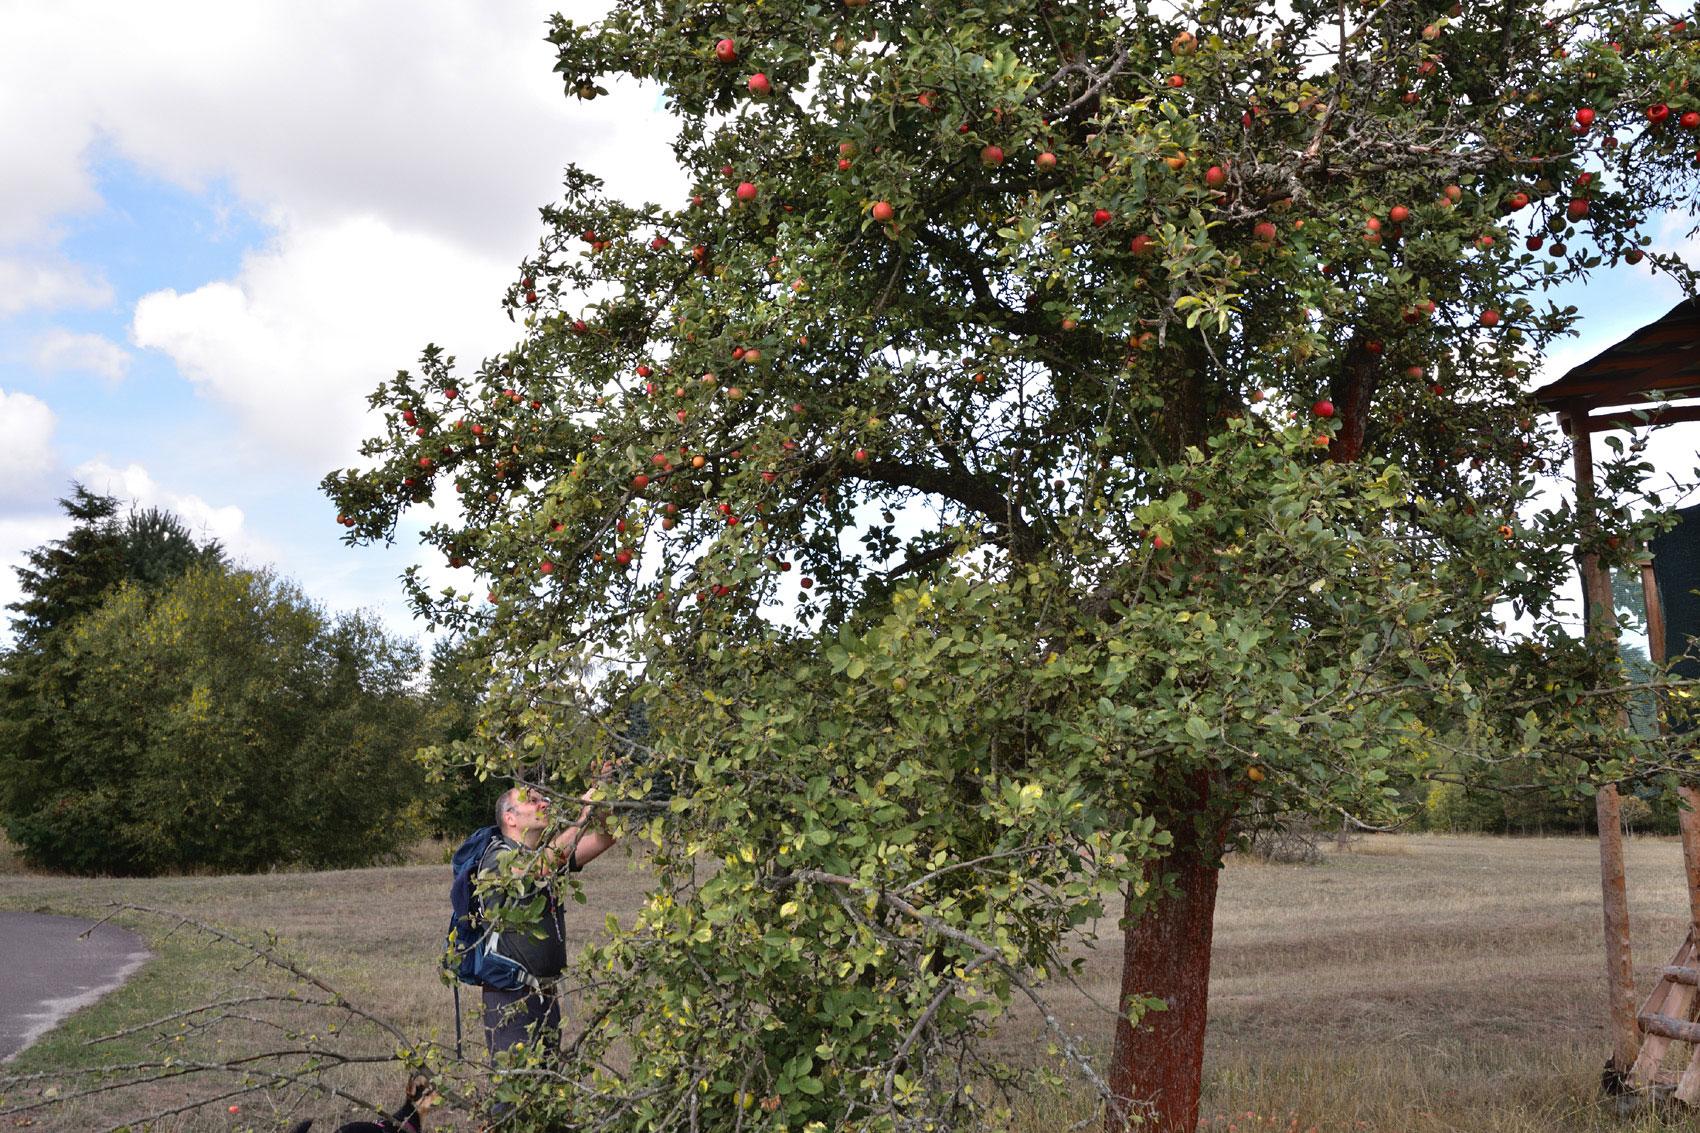 Tipp wanderung in Brandenburg Apfelernte